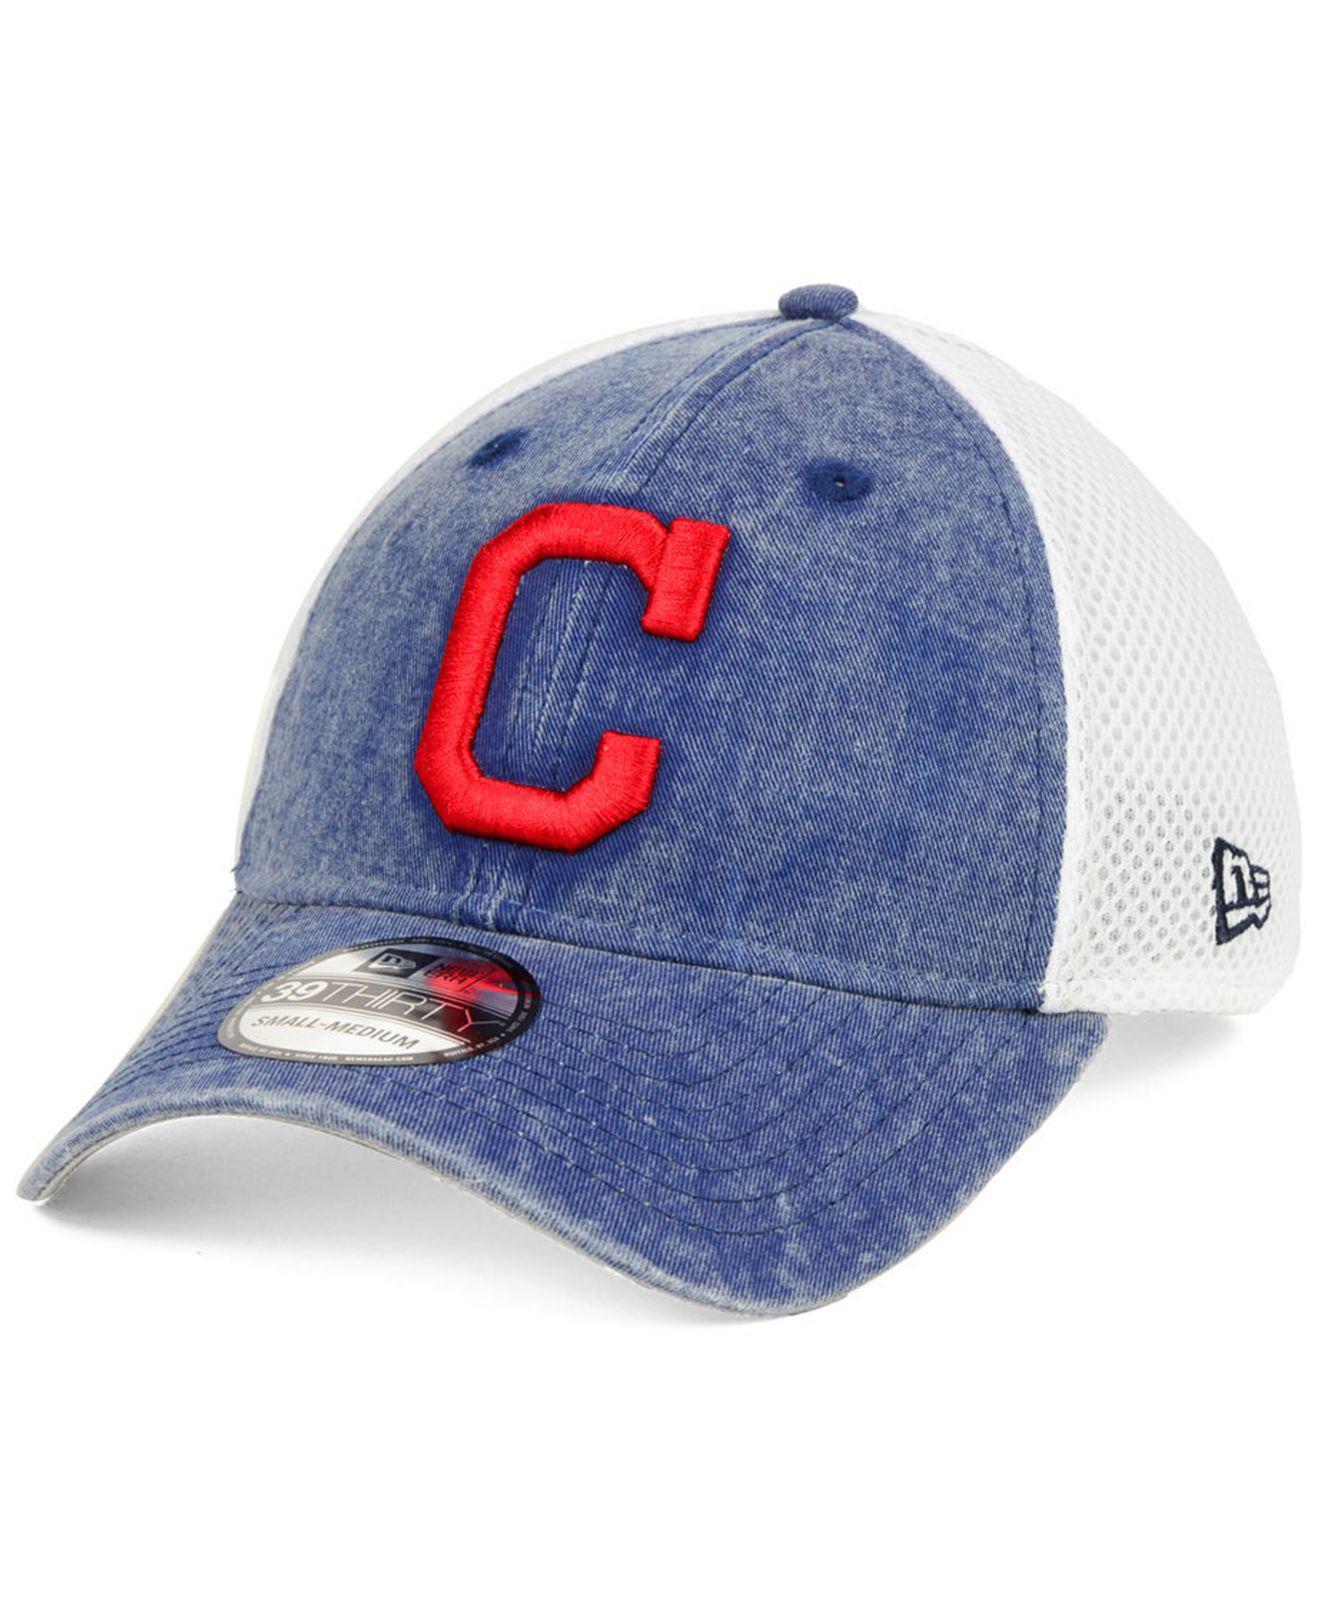 on sale cfd4d e6d0b KTZ. Men s Blue Cleveland Indians Hooge Neo 39thirty Cap